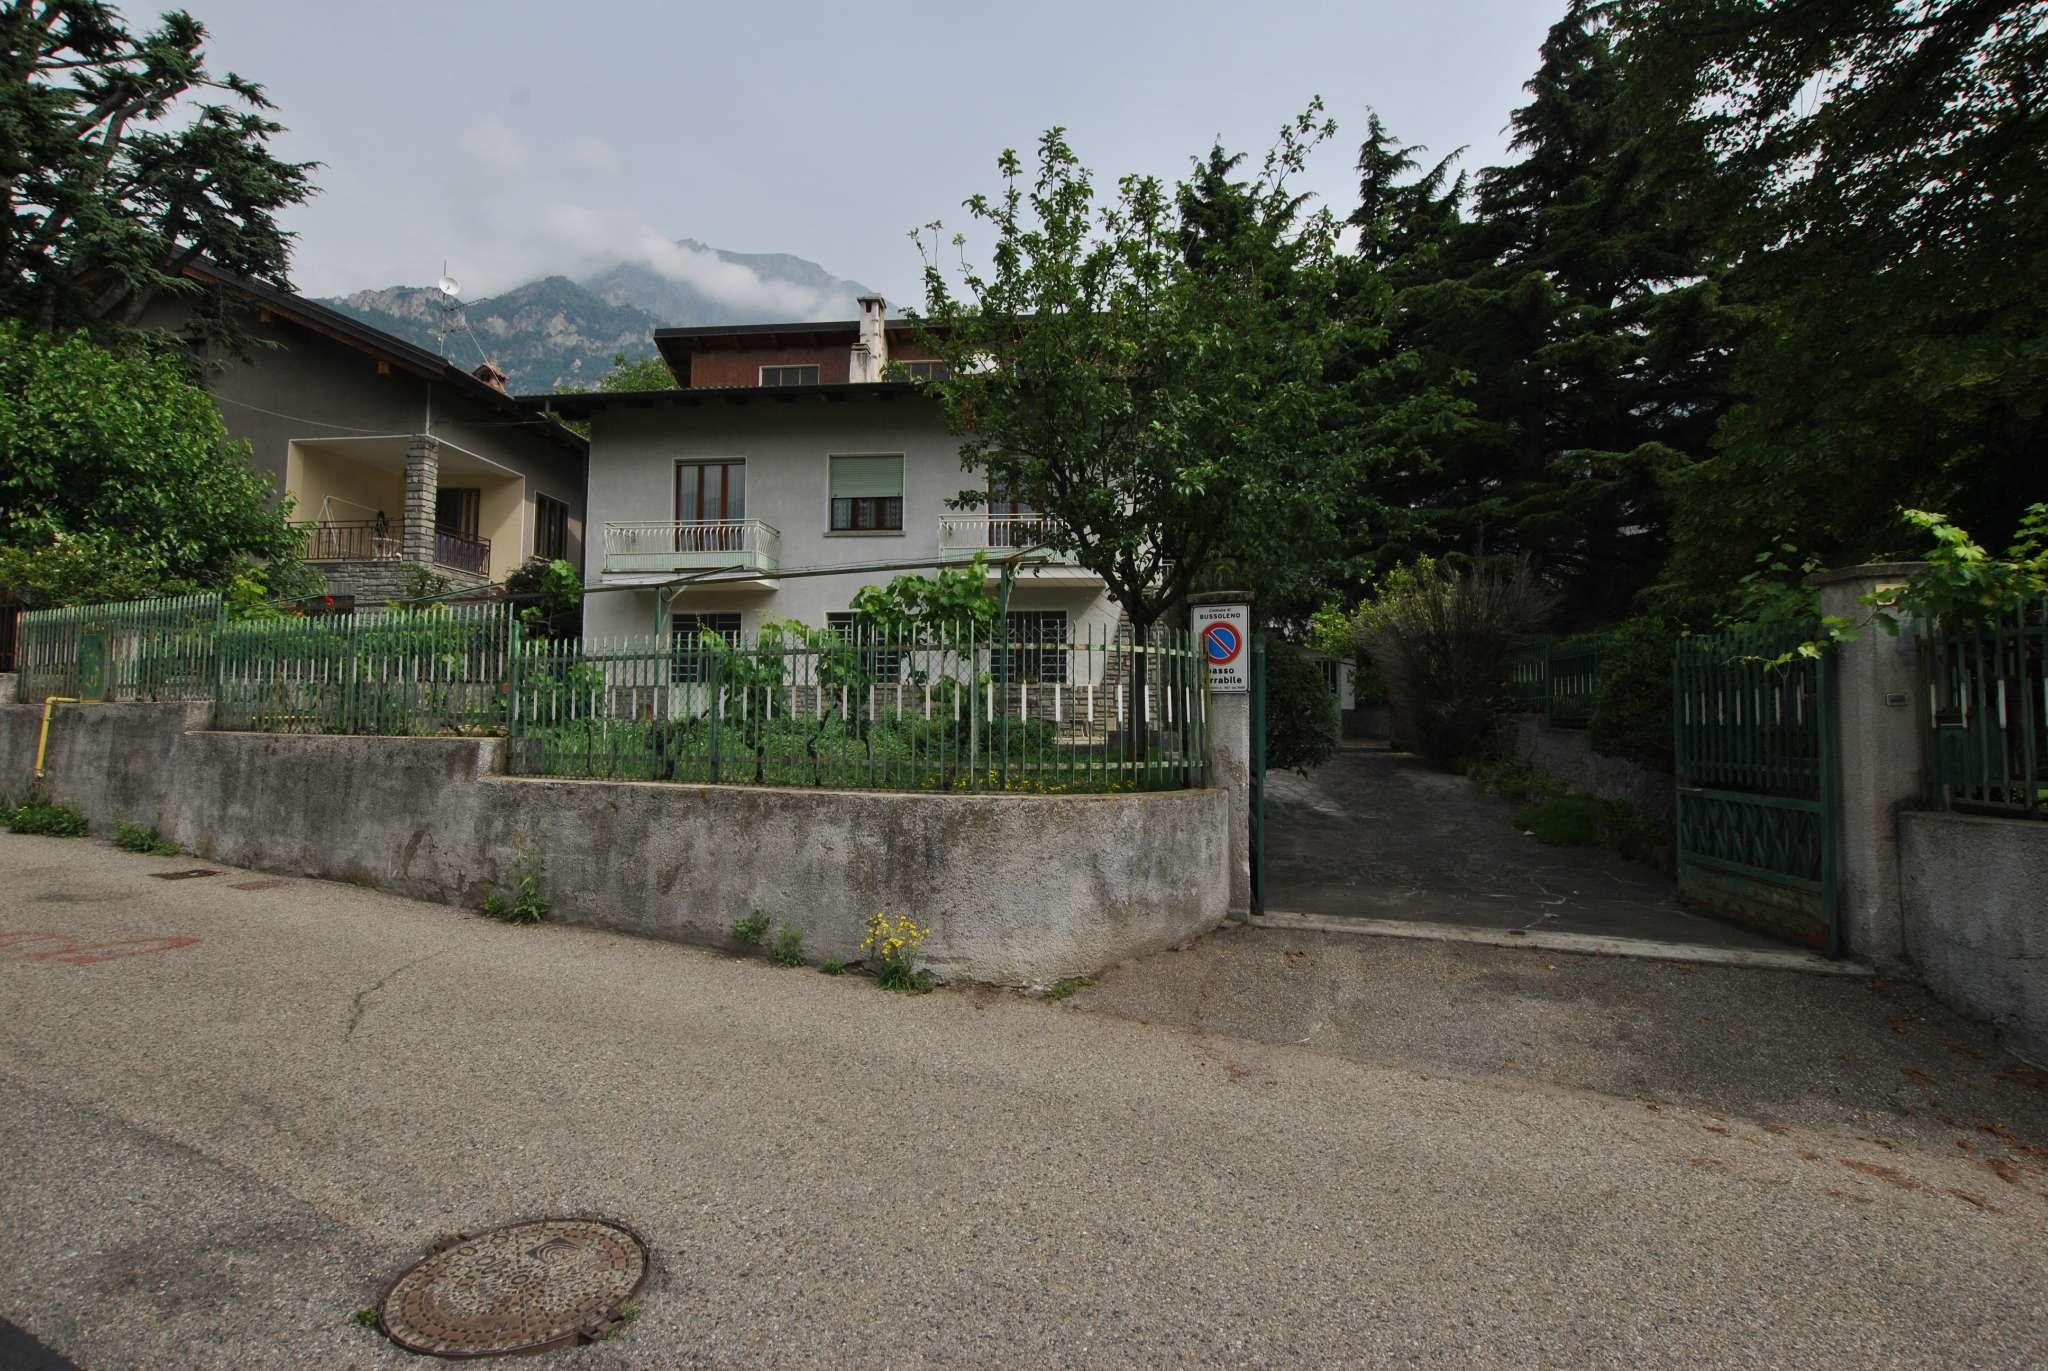 Soluzione Indipendente in vendita a Bussoleno, 4 locali, prezzo € 249.000 | PortaleAgenzieImmobiliari.it